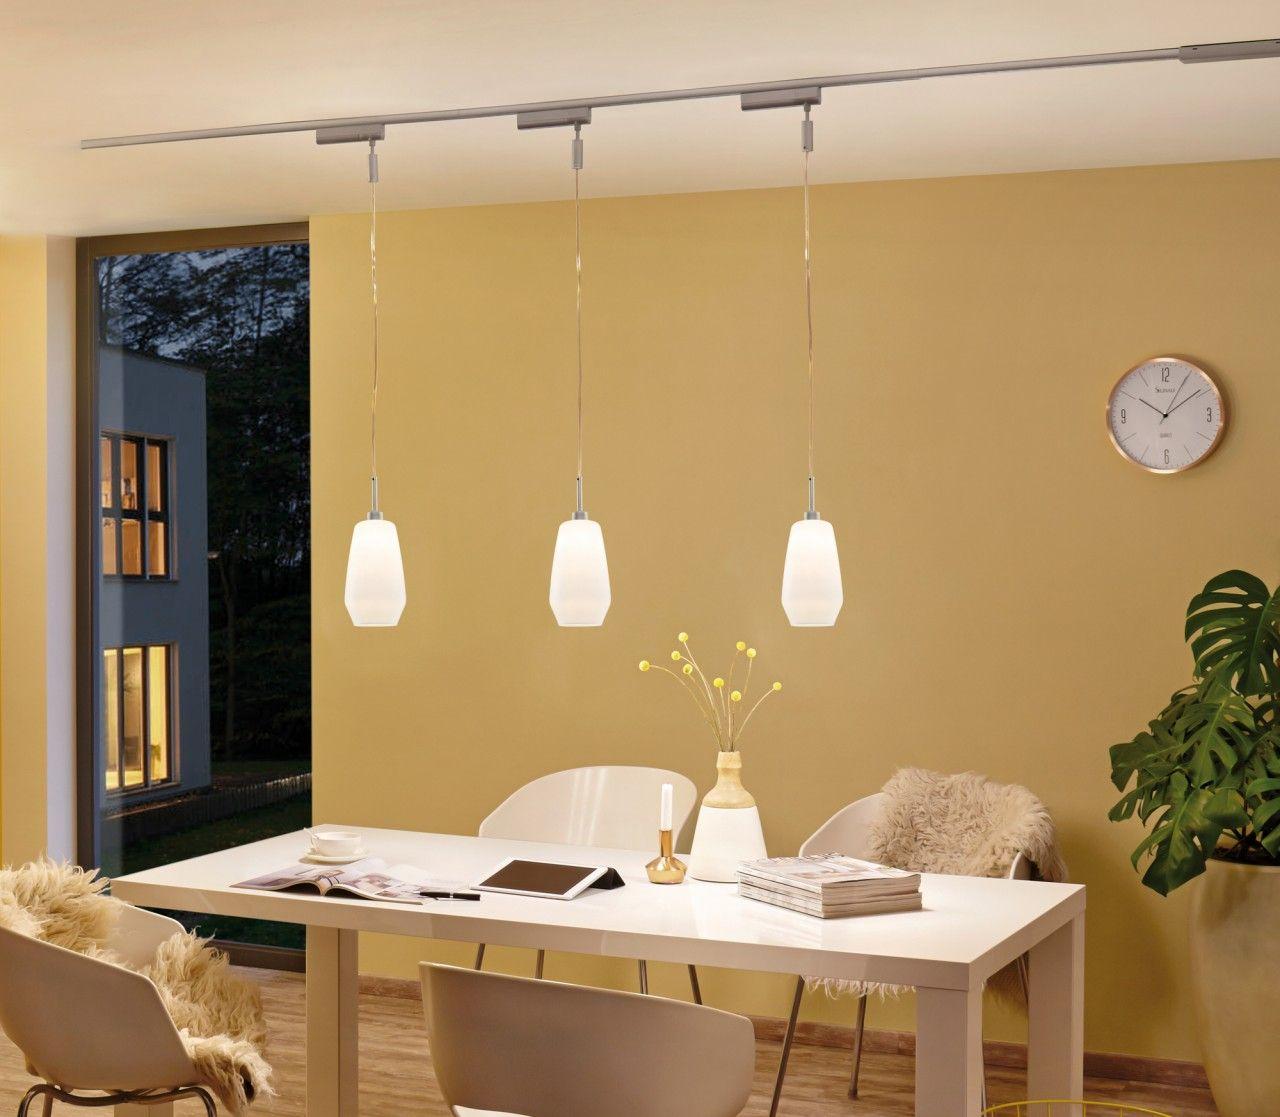 die richtige beleuchtung f r den esstisch mit dem lampen system von paulmann bist du komplett. Black Bedroom Furniture Sets. Home Design Ideas